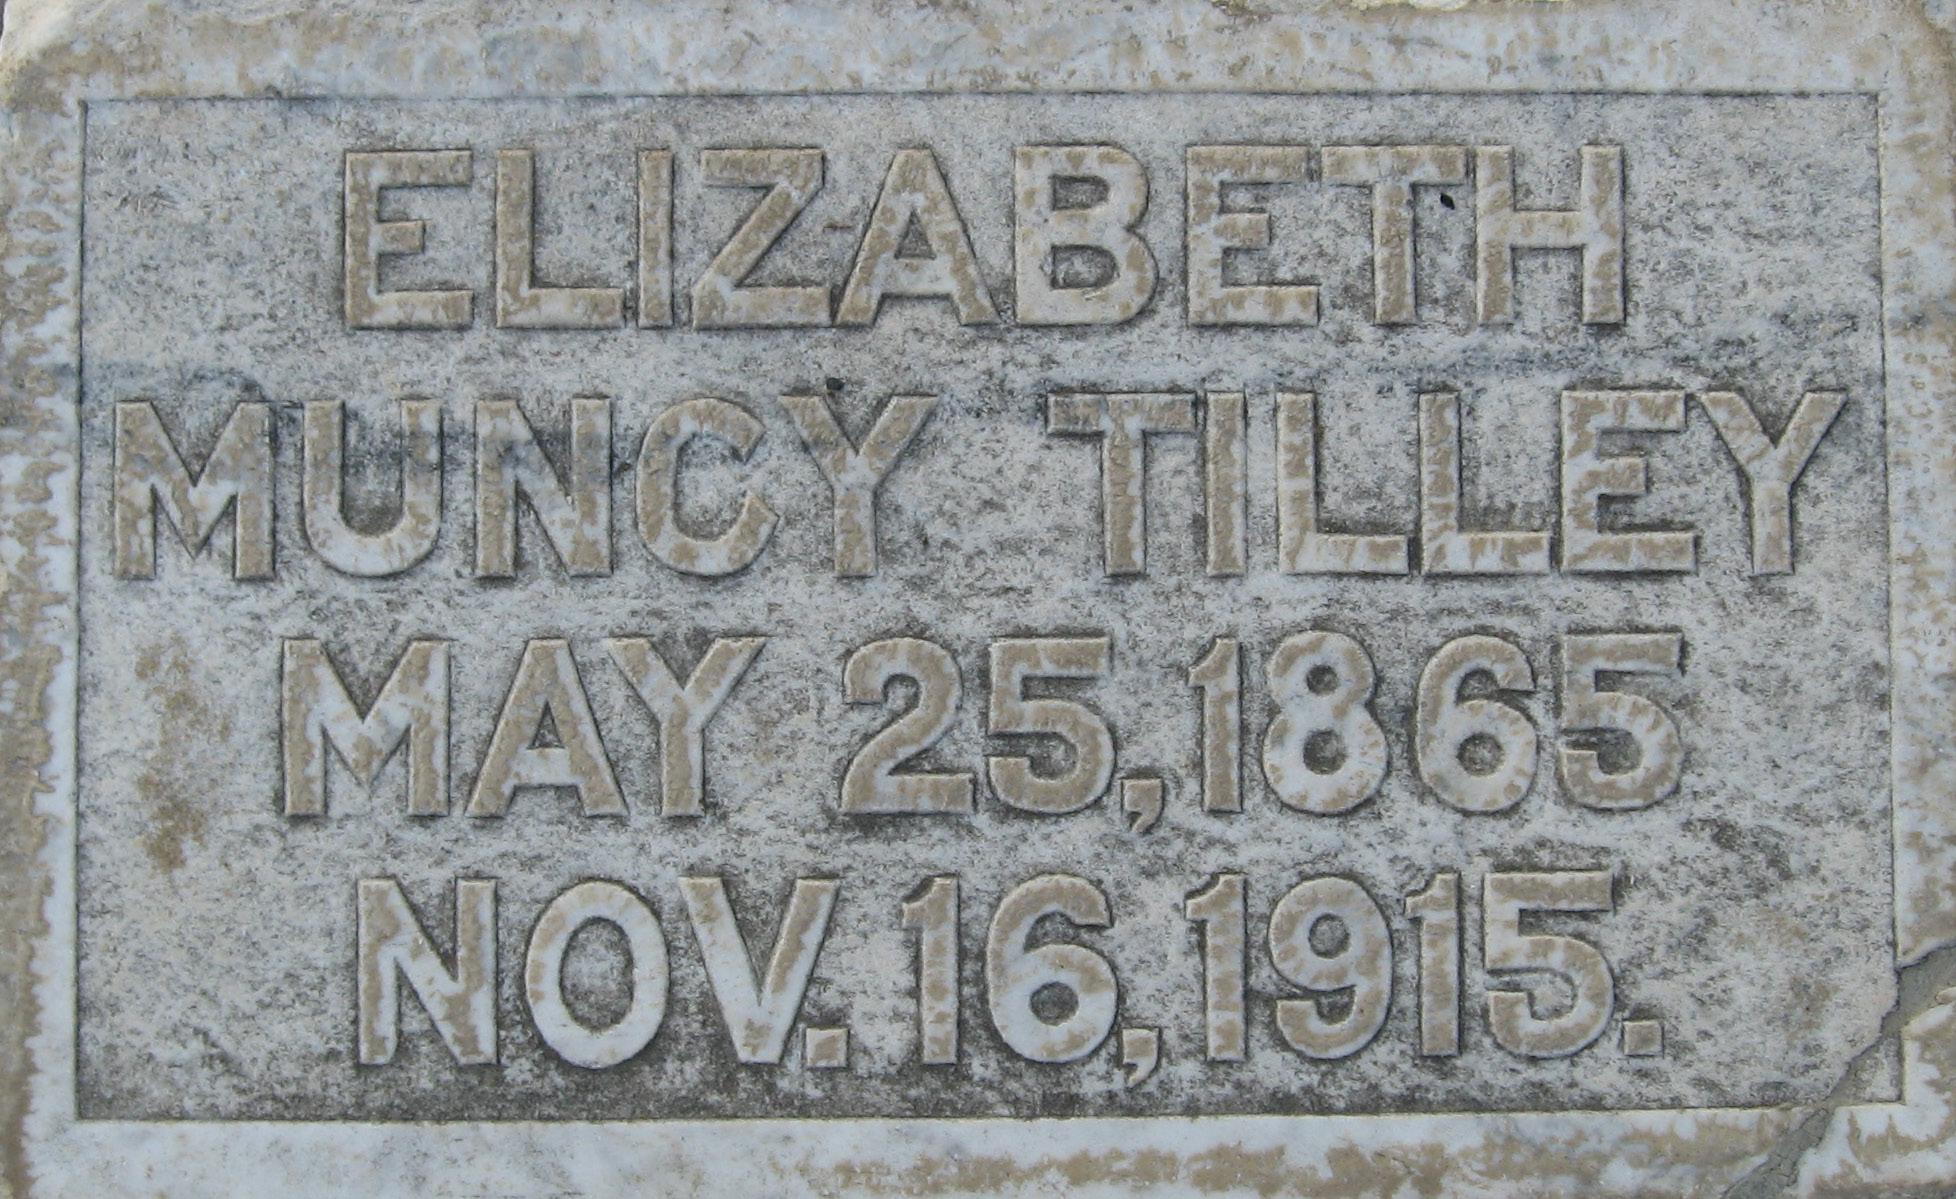 Elizabeth Muncy